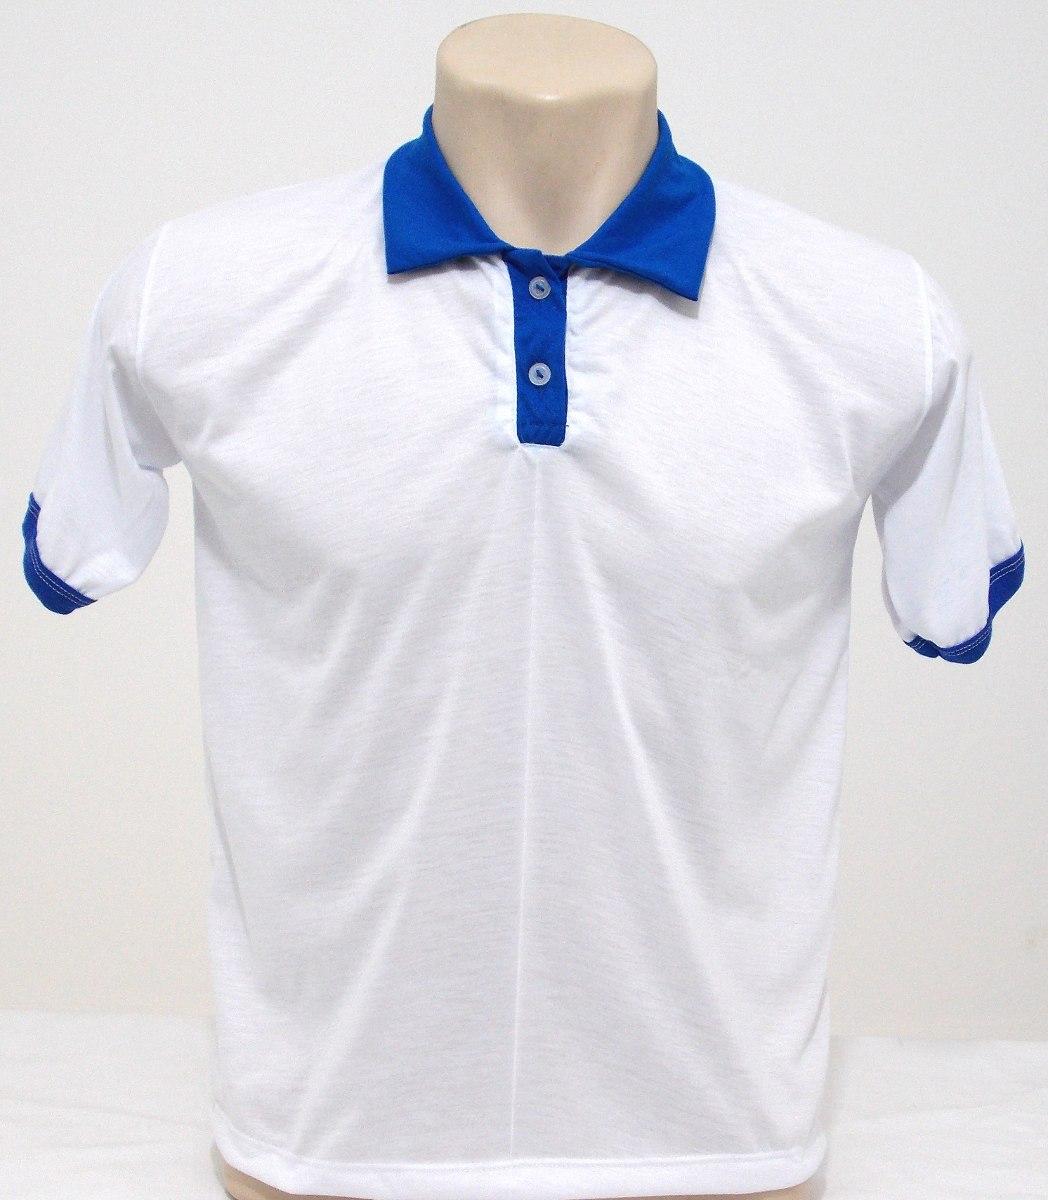 Camisa Polo Varias Cores Polo Lisa Tradicional Blusa Polo - R  44 6f693b0d80e7e